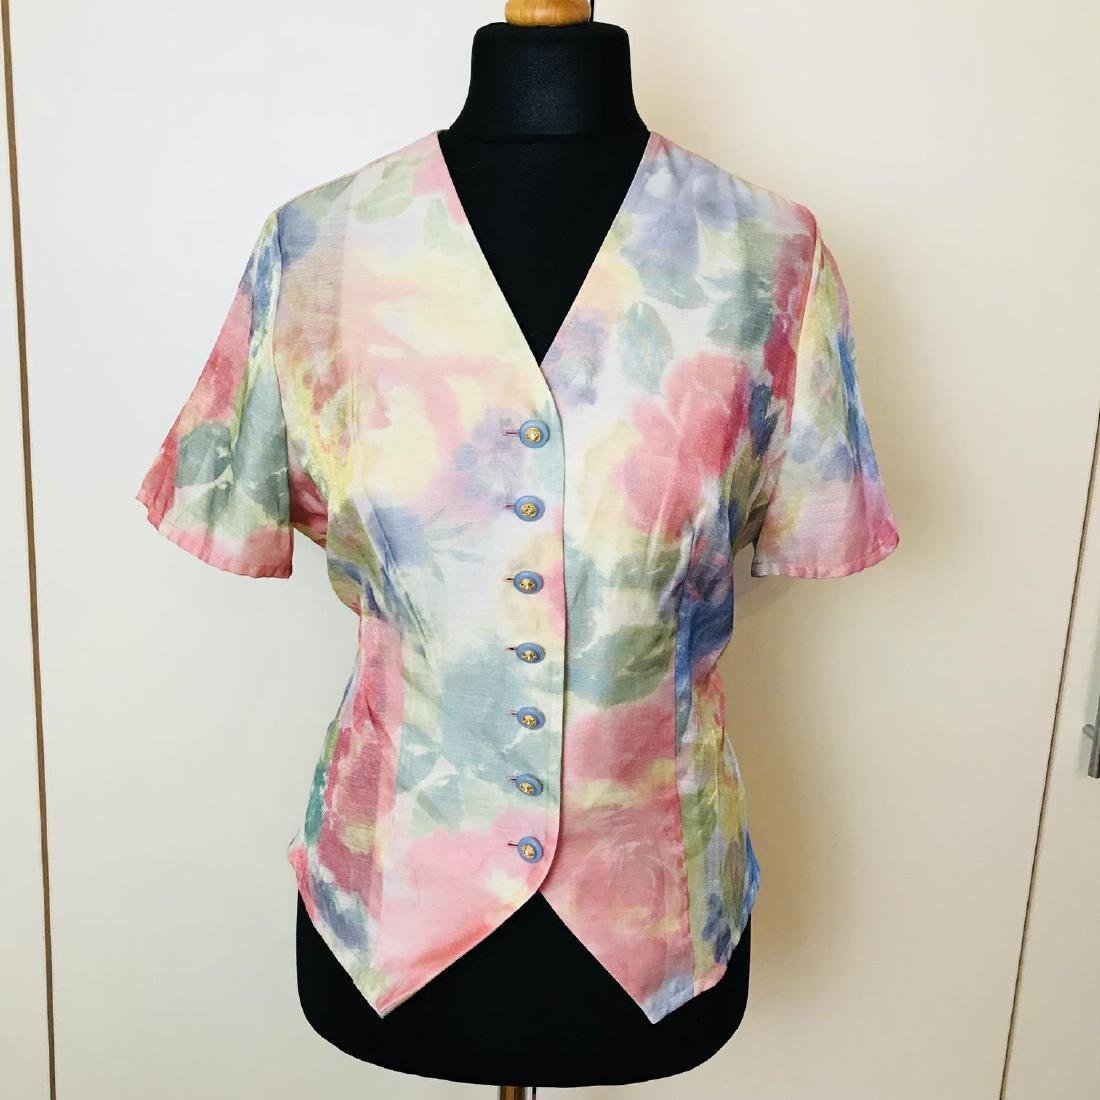 Vintage Women's FINK Blouse Shirt Top Size EUR 40 US 10